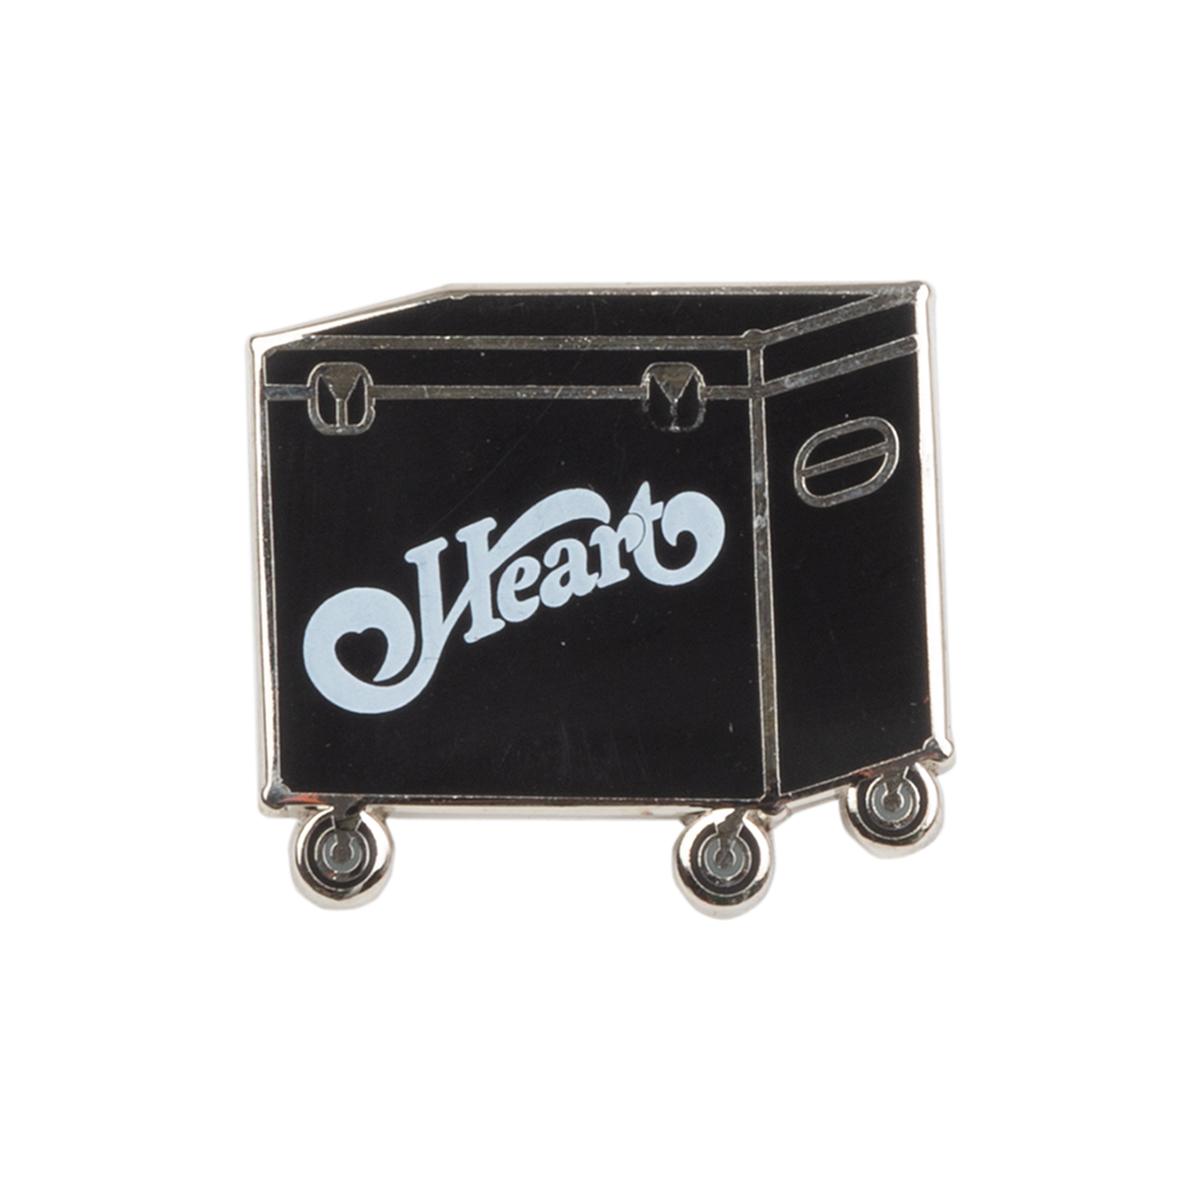 Heart Gig Box Pin